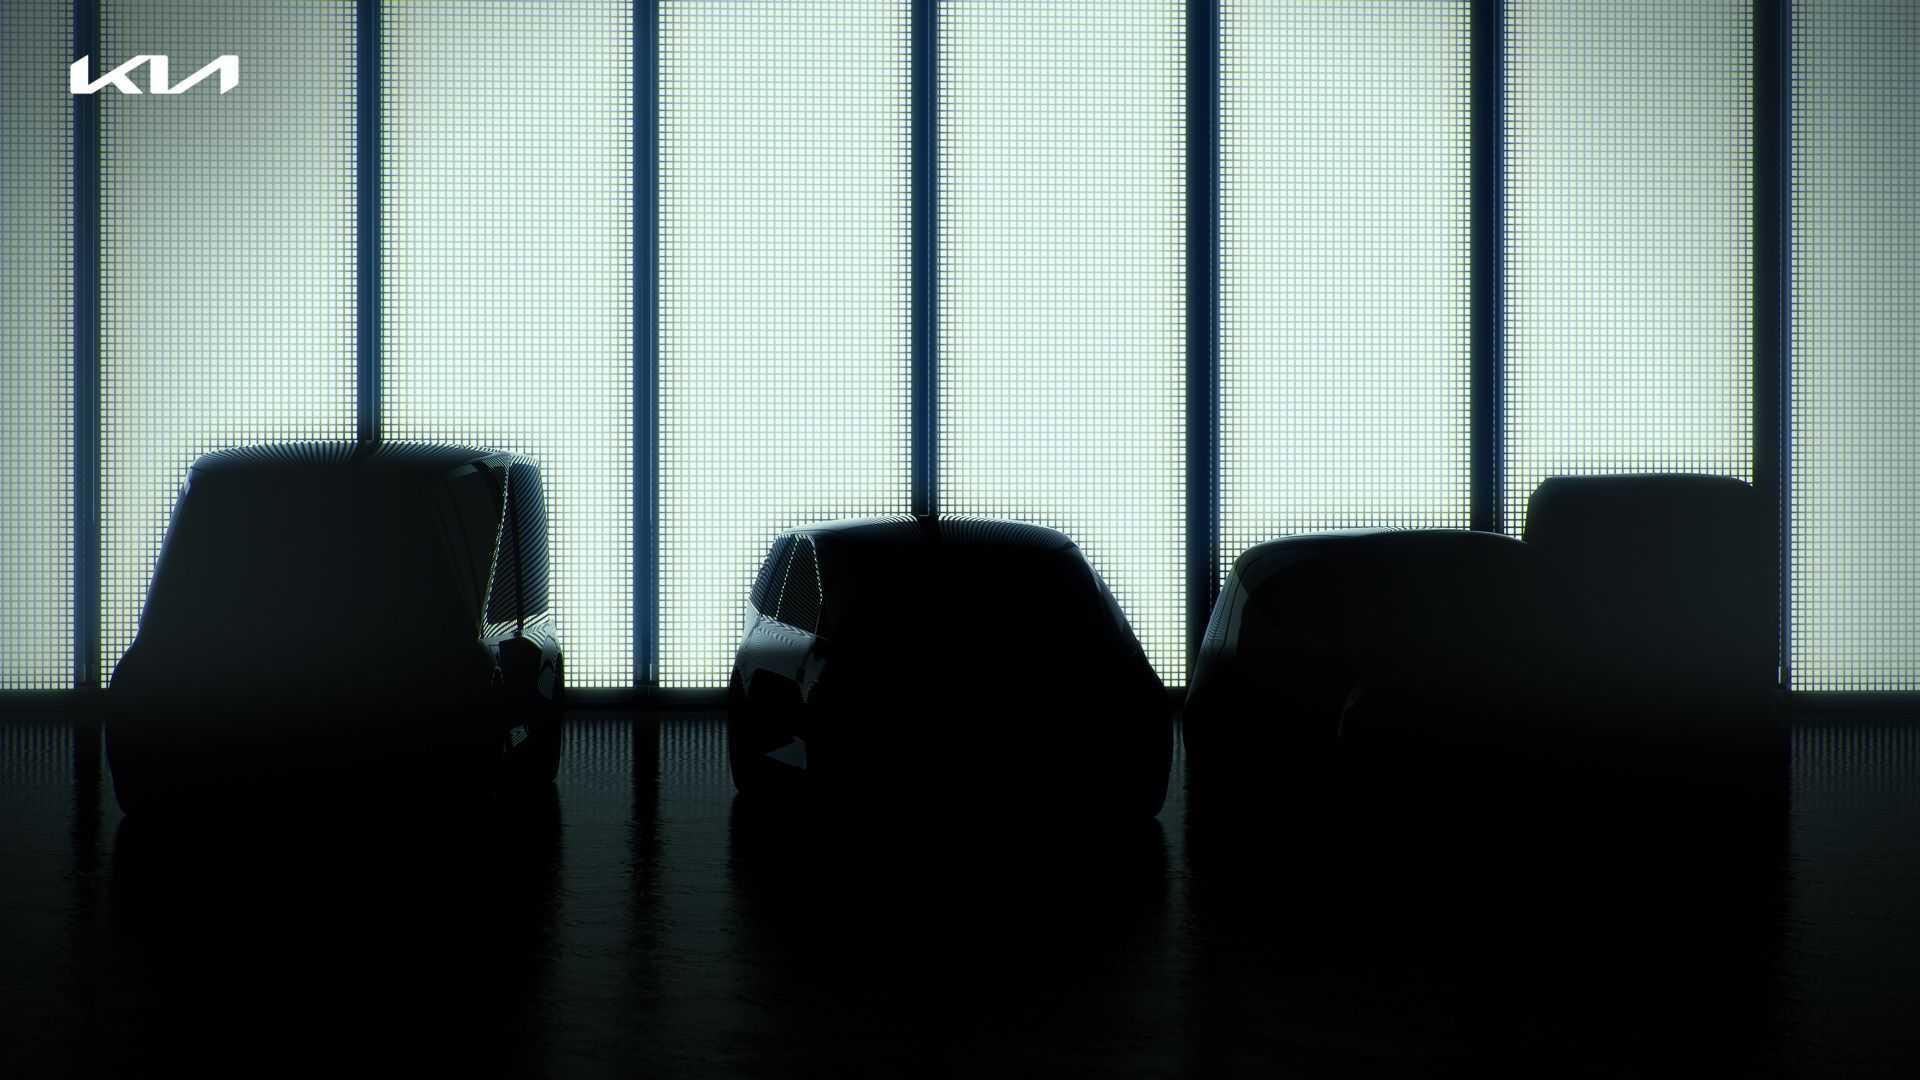 Мы уже писали о намерении корейского концерна Hyundai Motor выпустить соплатформенные электрокроссоверы под тремя марками – Hyundai, Genesis и Kia, а теперь последняя анонсировала свою новинку.